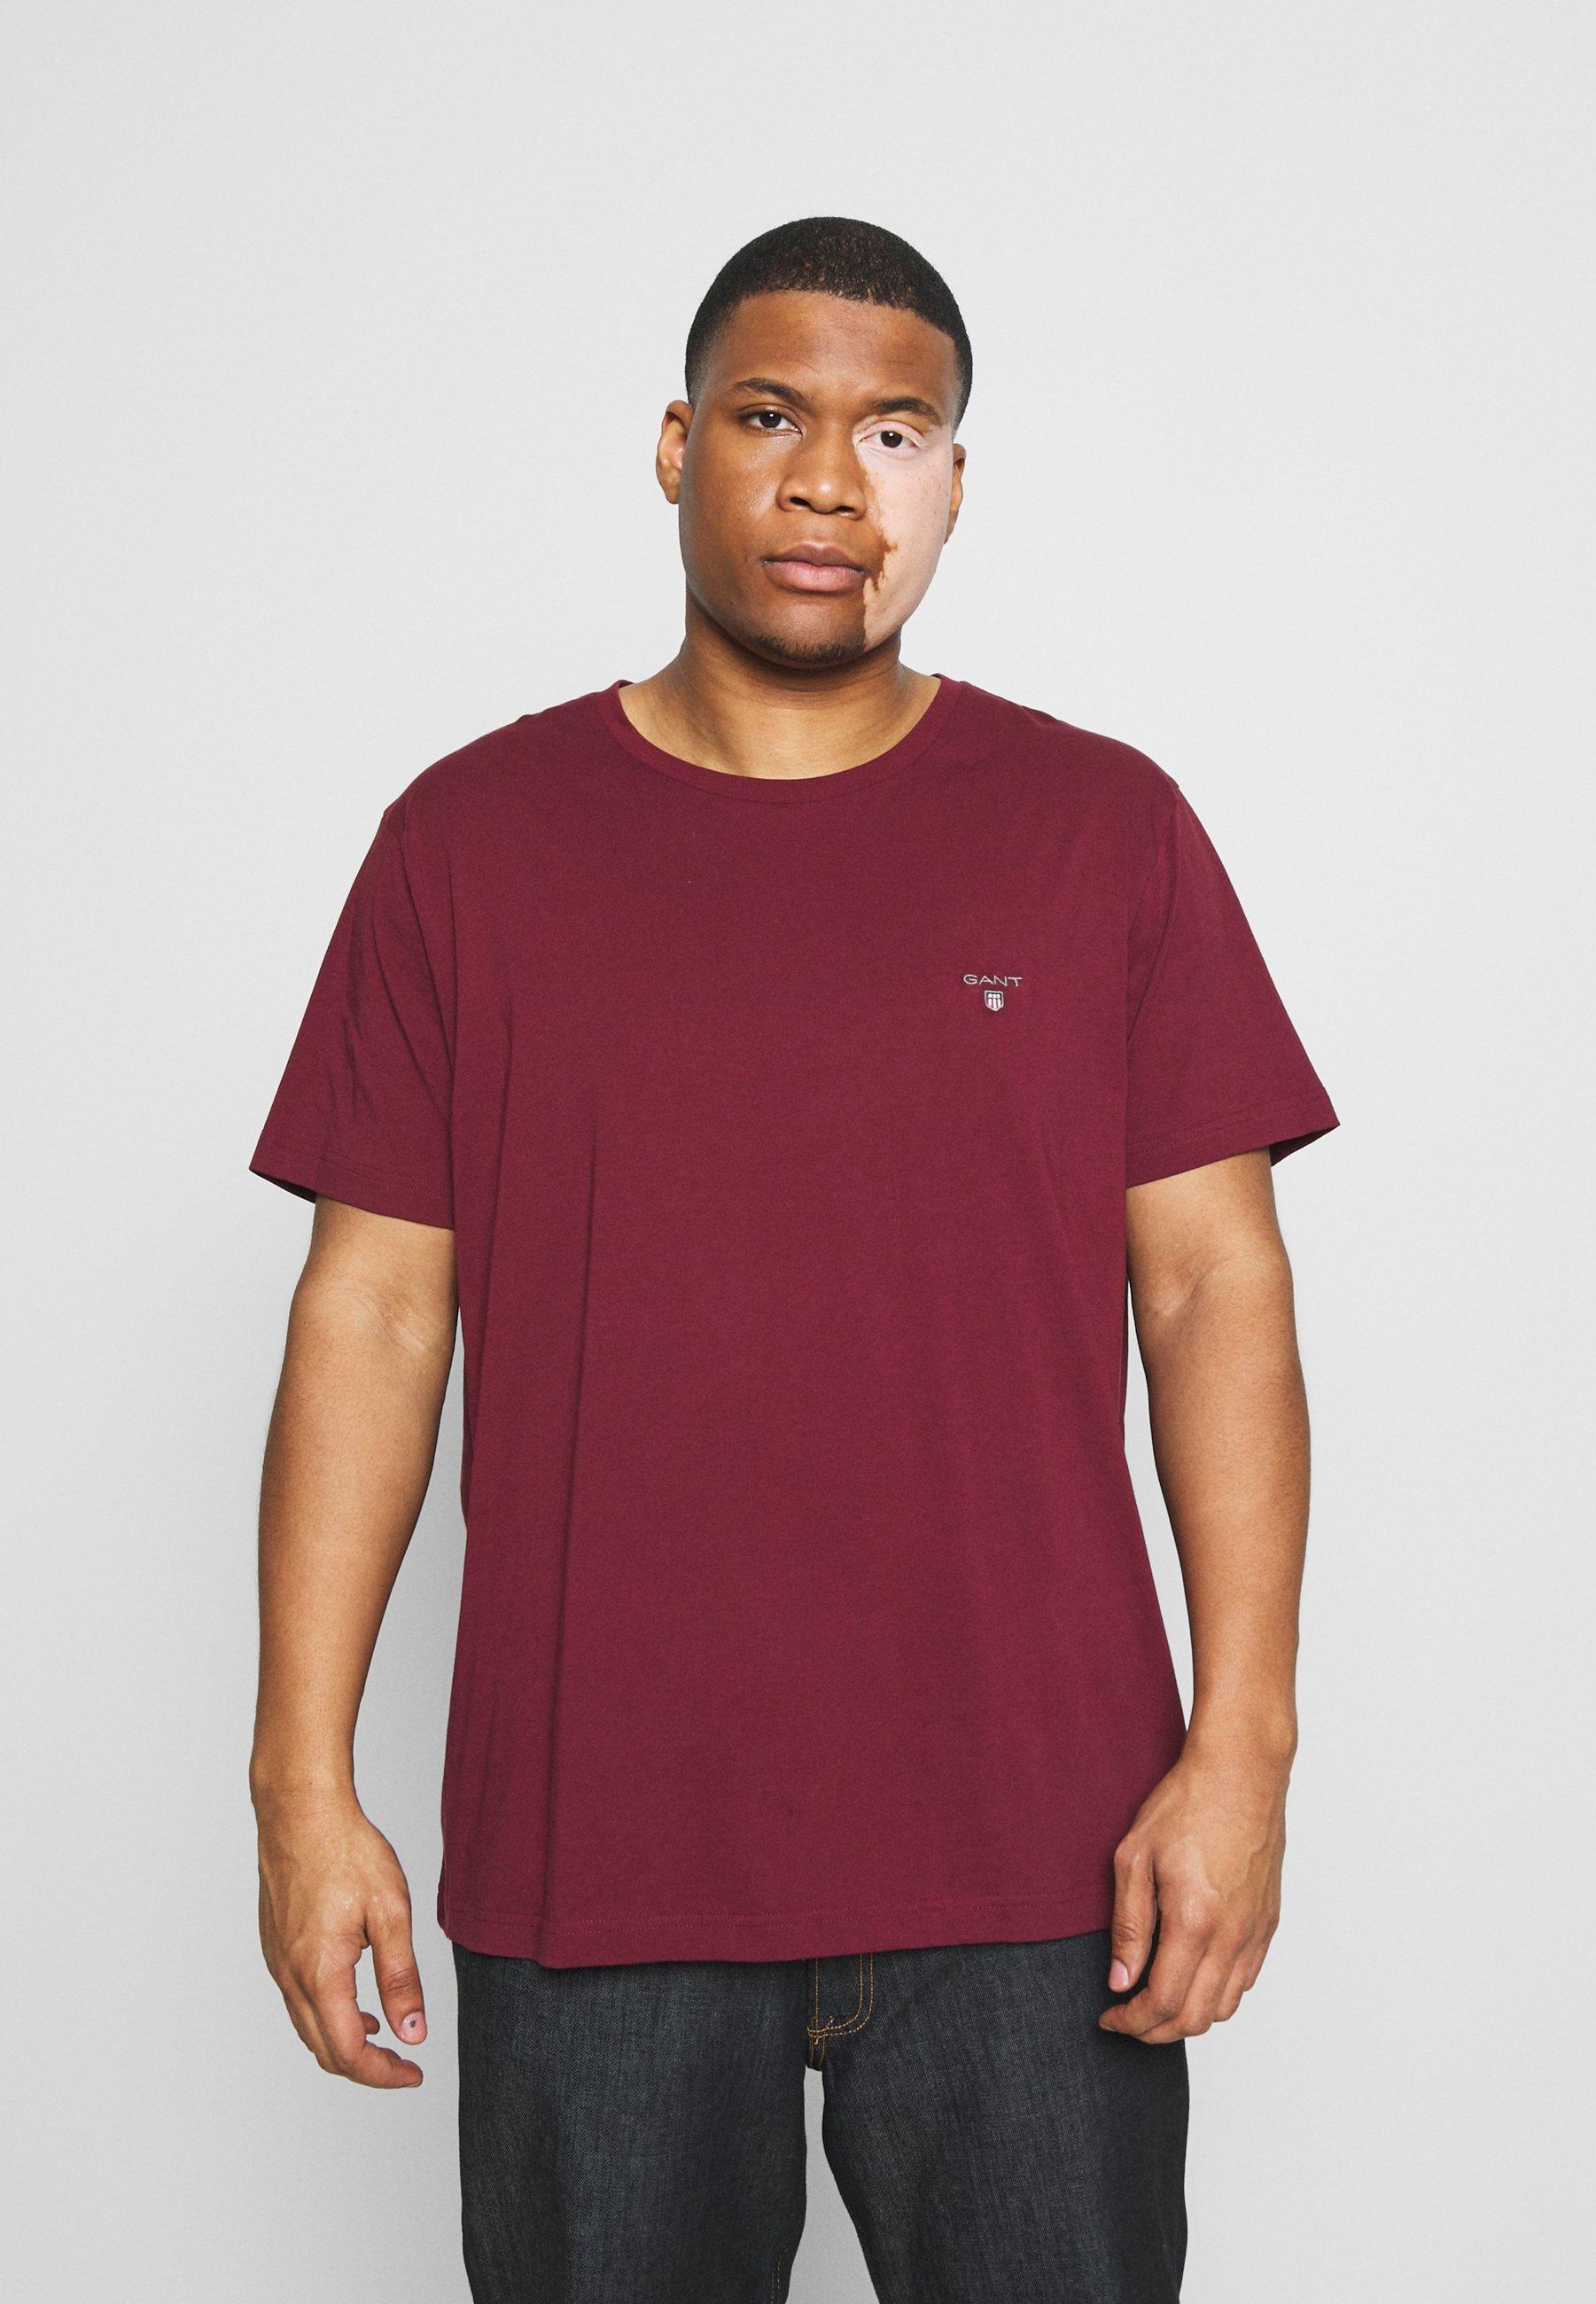 Homme PLUS THE ORIGINAL - T-shirt basique